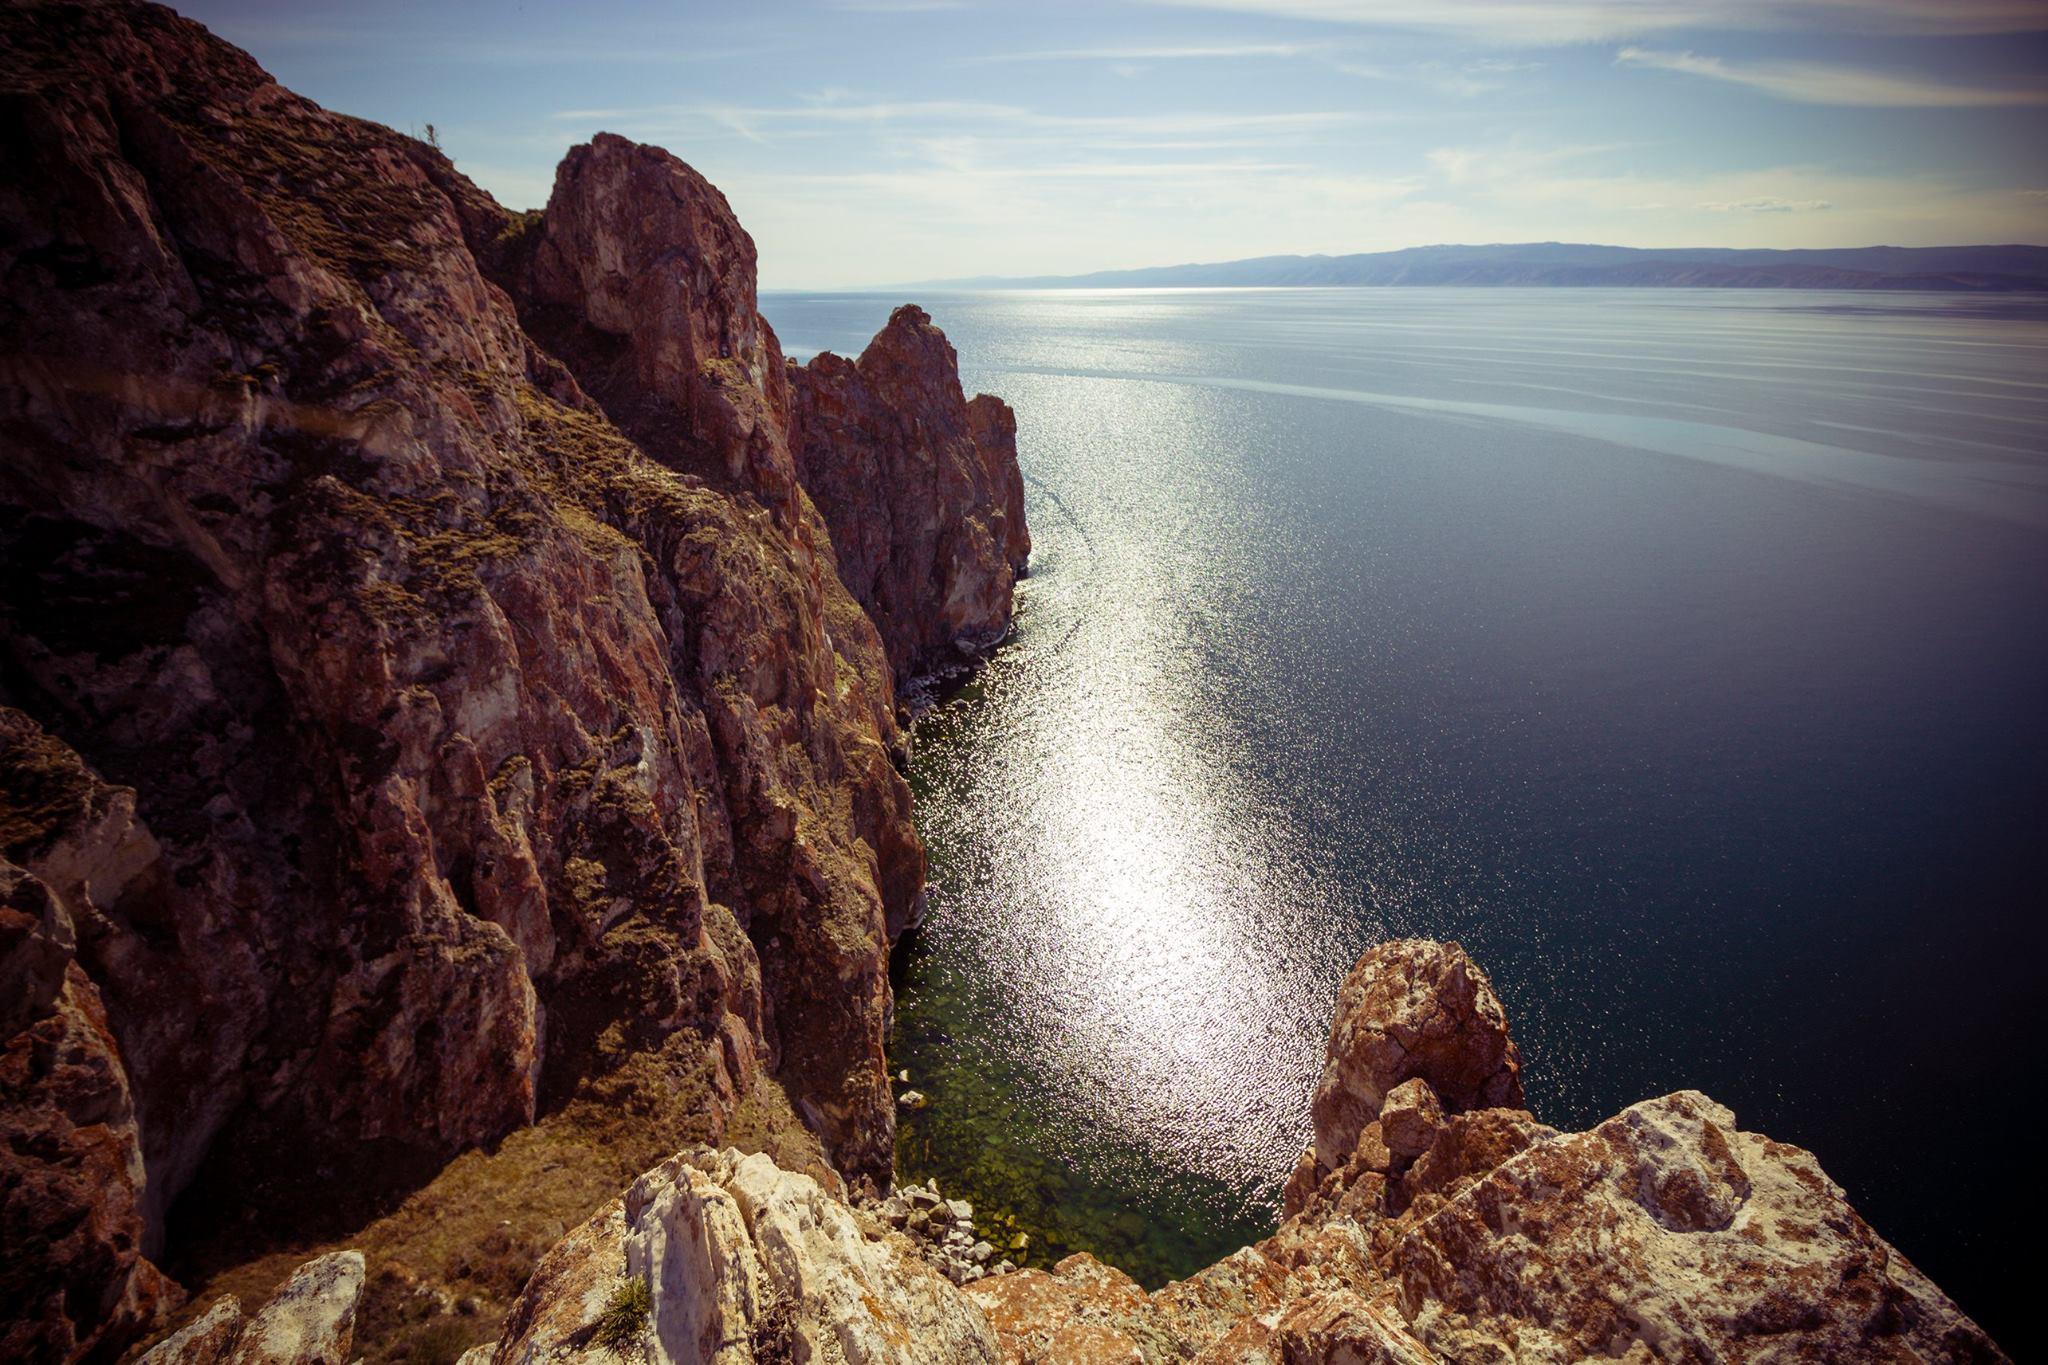 A indústria também tem mostrado forte interesse no Baikal, causando danos ao meio ambiente e colocando em risco o delicado equilíbrio ecológico da região. As empresas Baykalsk Pulp e Paper Mill, por exemplo, descartaram grande quantidade de resíduos no lago entre 1966 e 2013, apesar dos protestos de moradores locais.